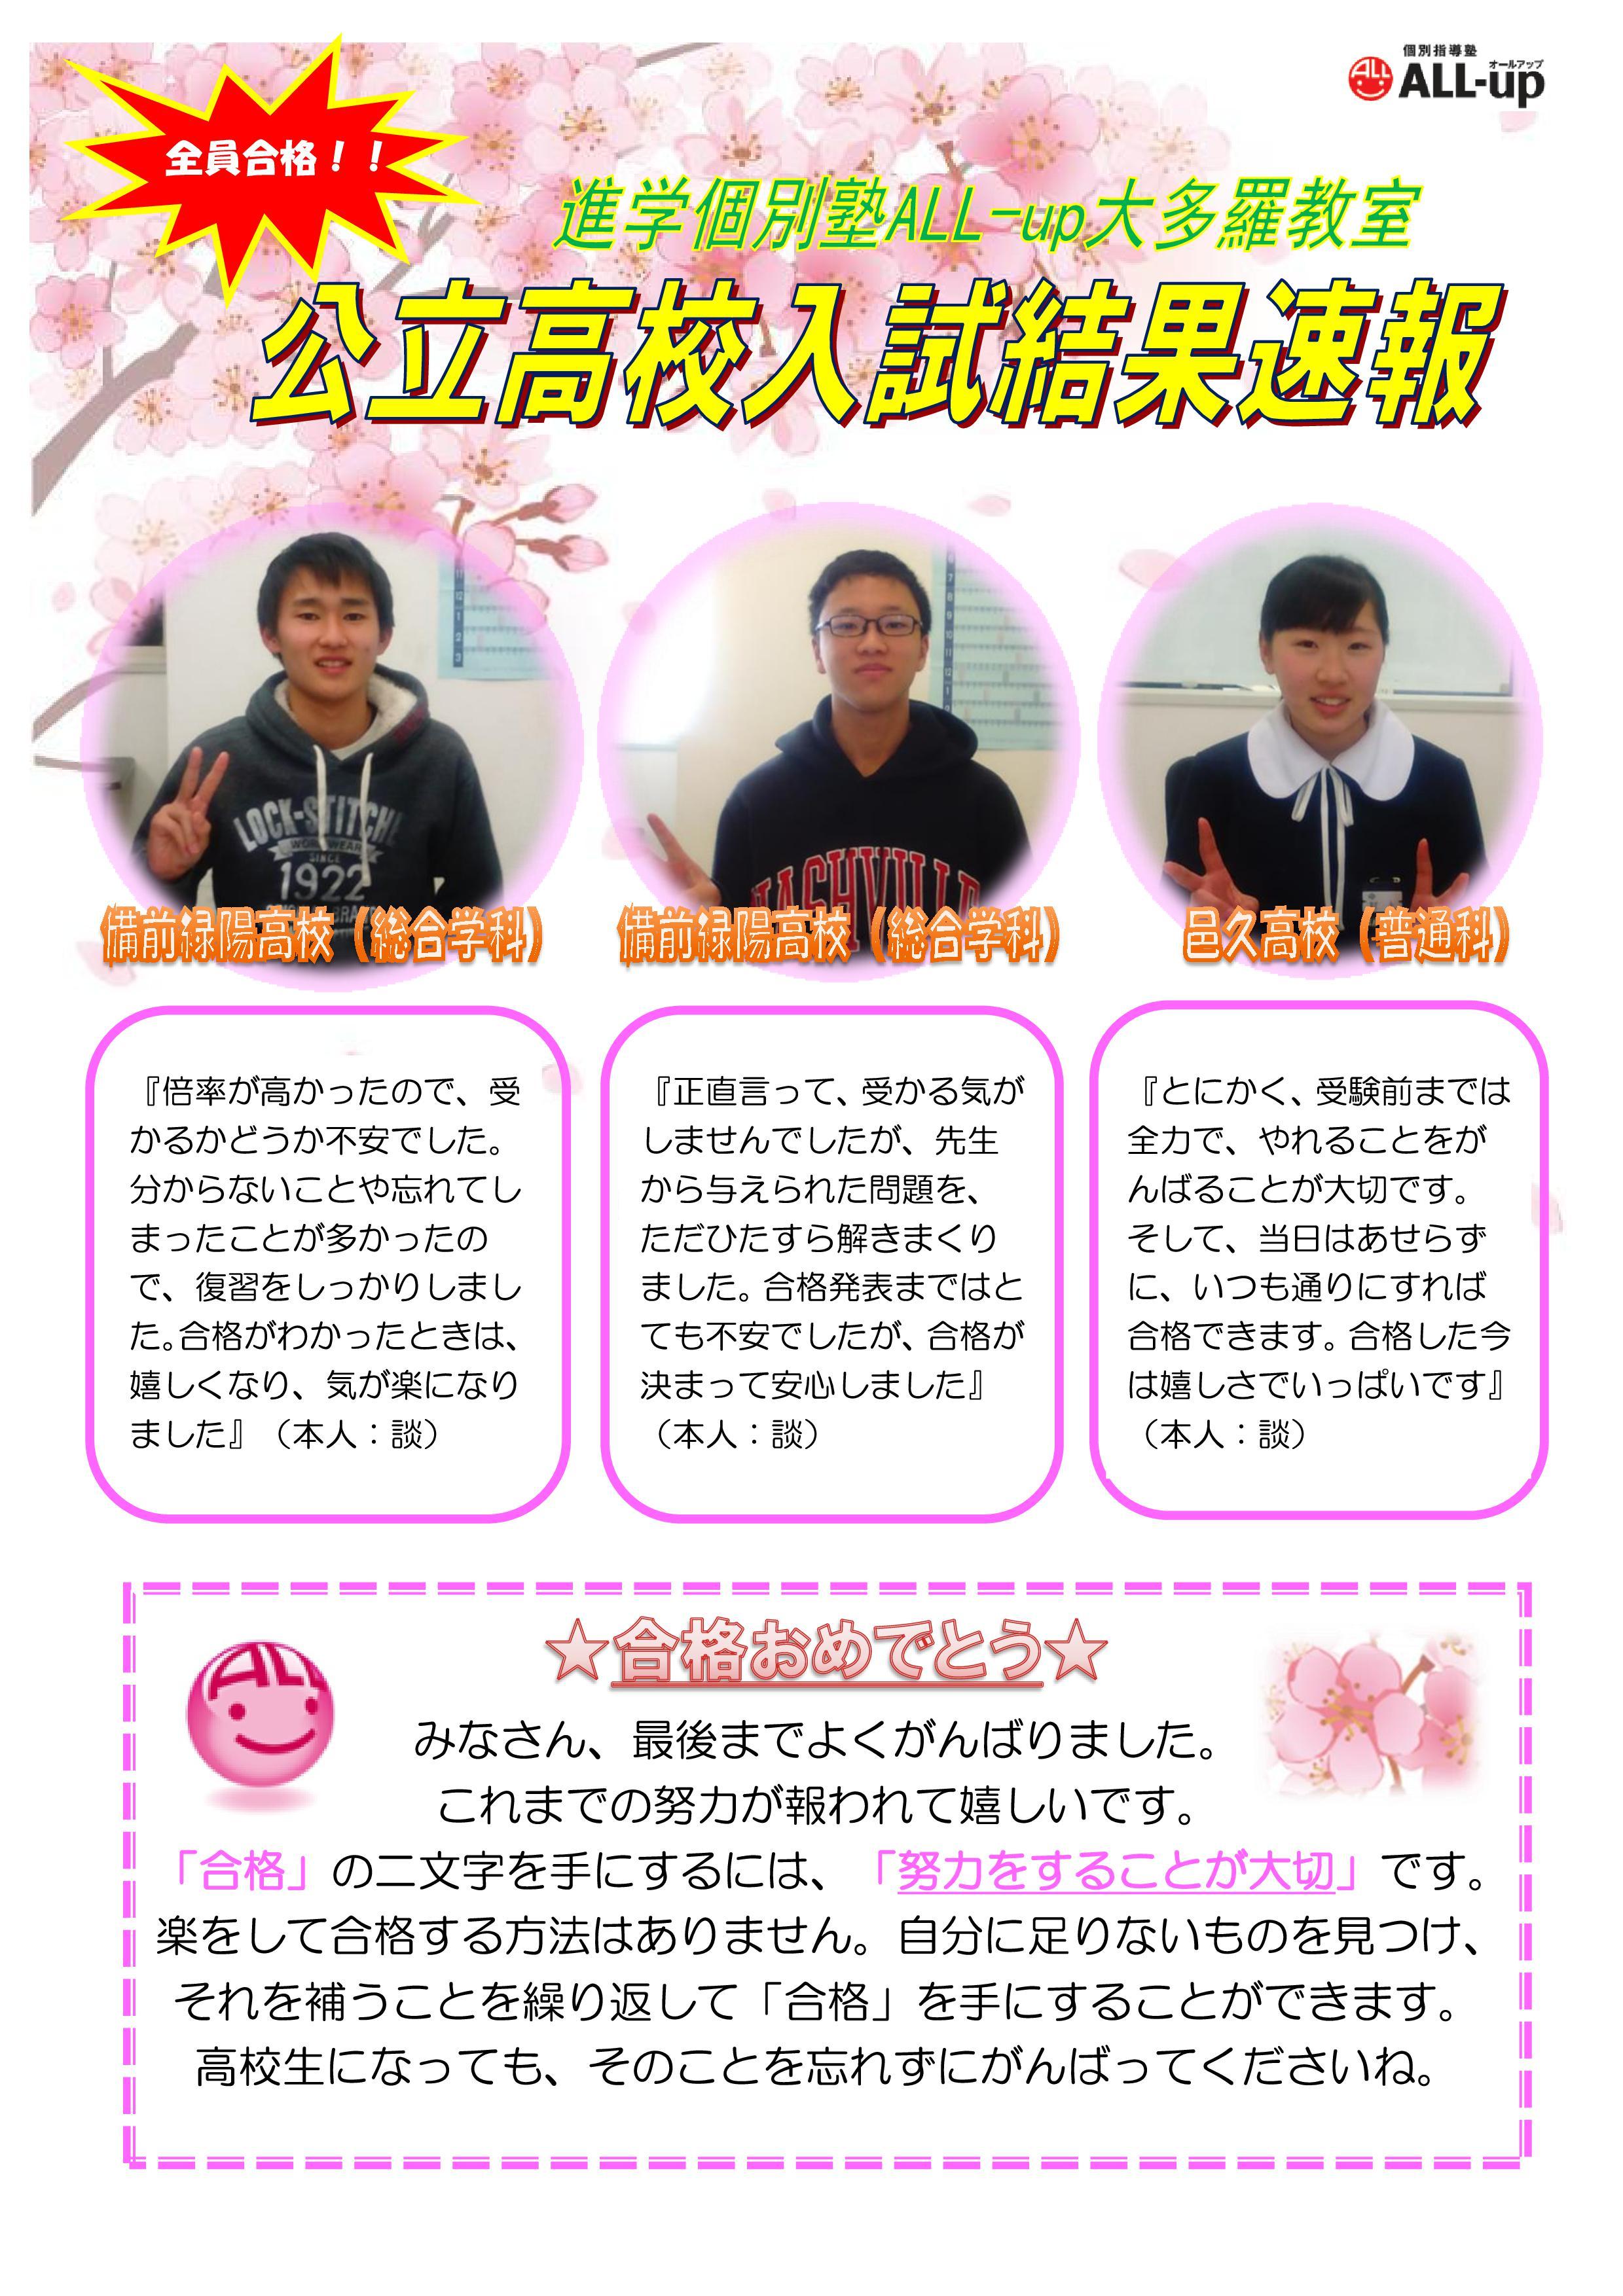 一般入試結果フォーマット【大多羅教室】(修正版) (1)